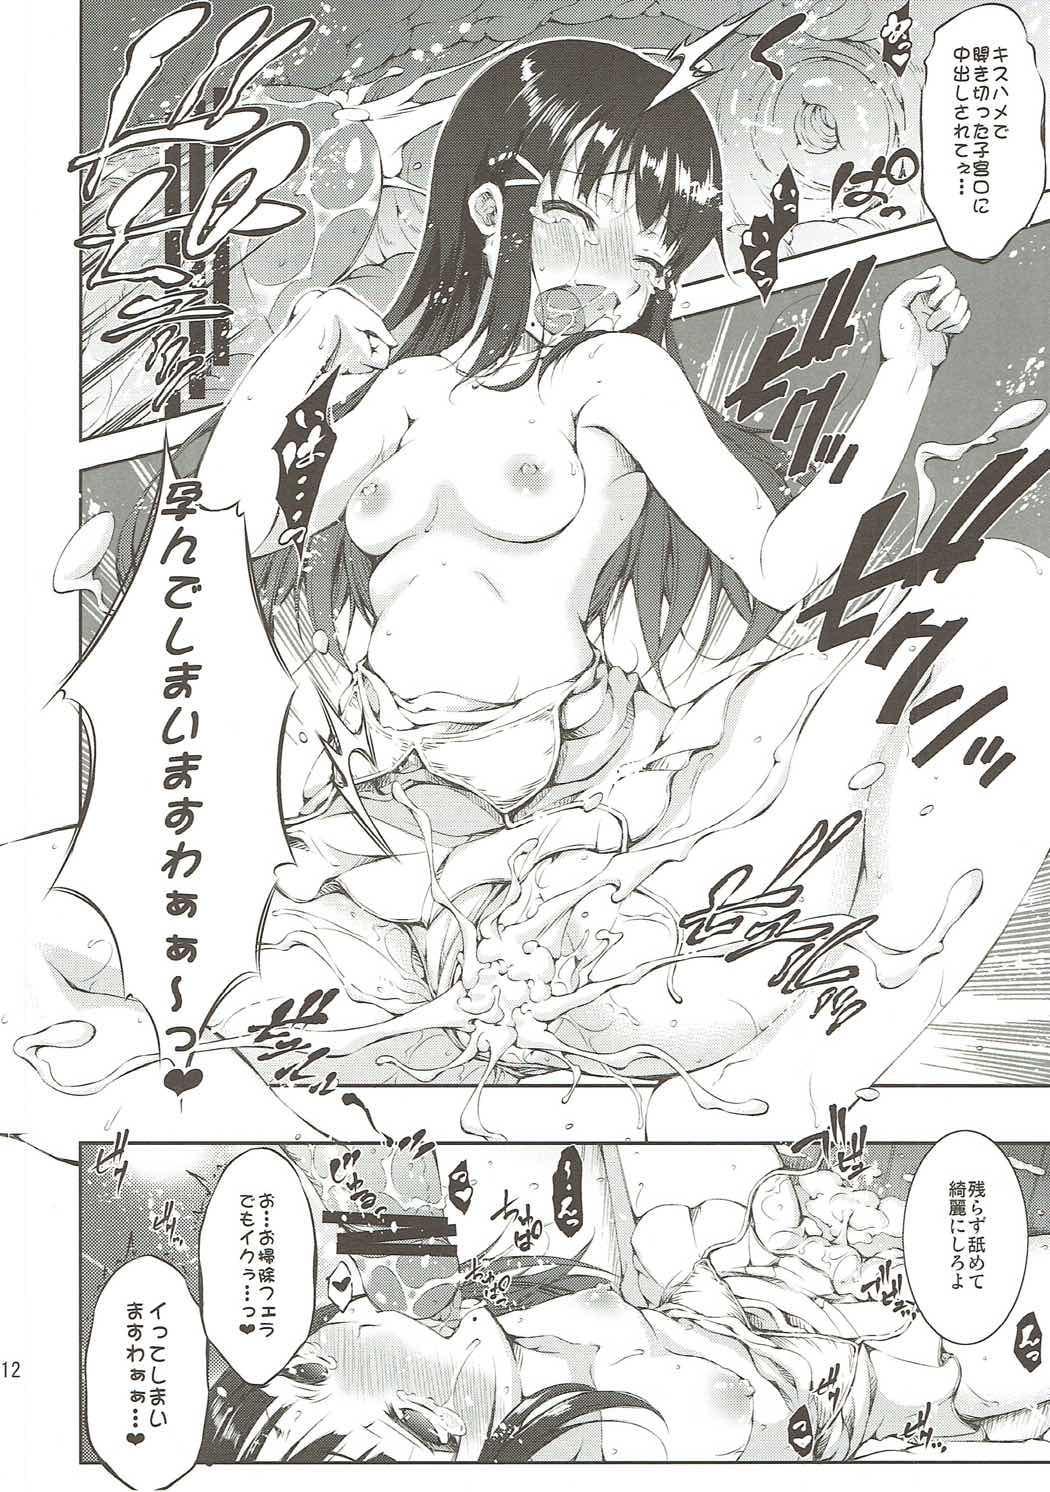 Umi no Ie de Idol ga Massage Hajimemashita. 10